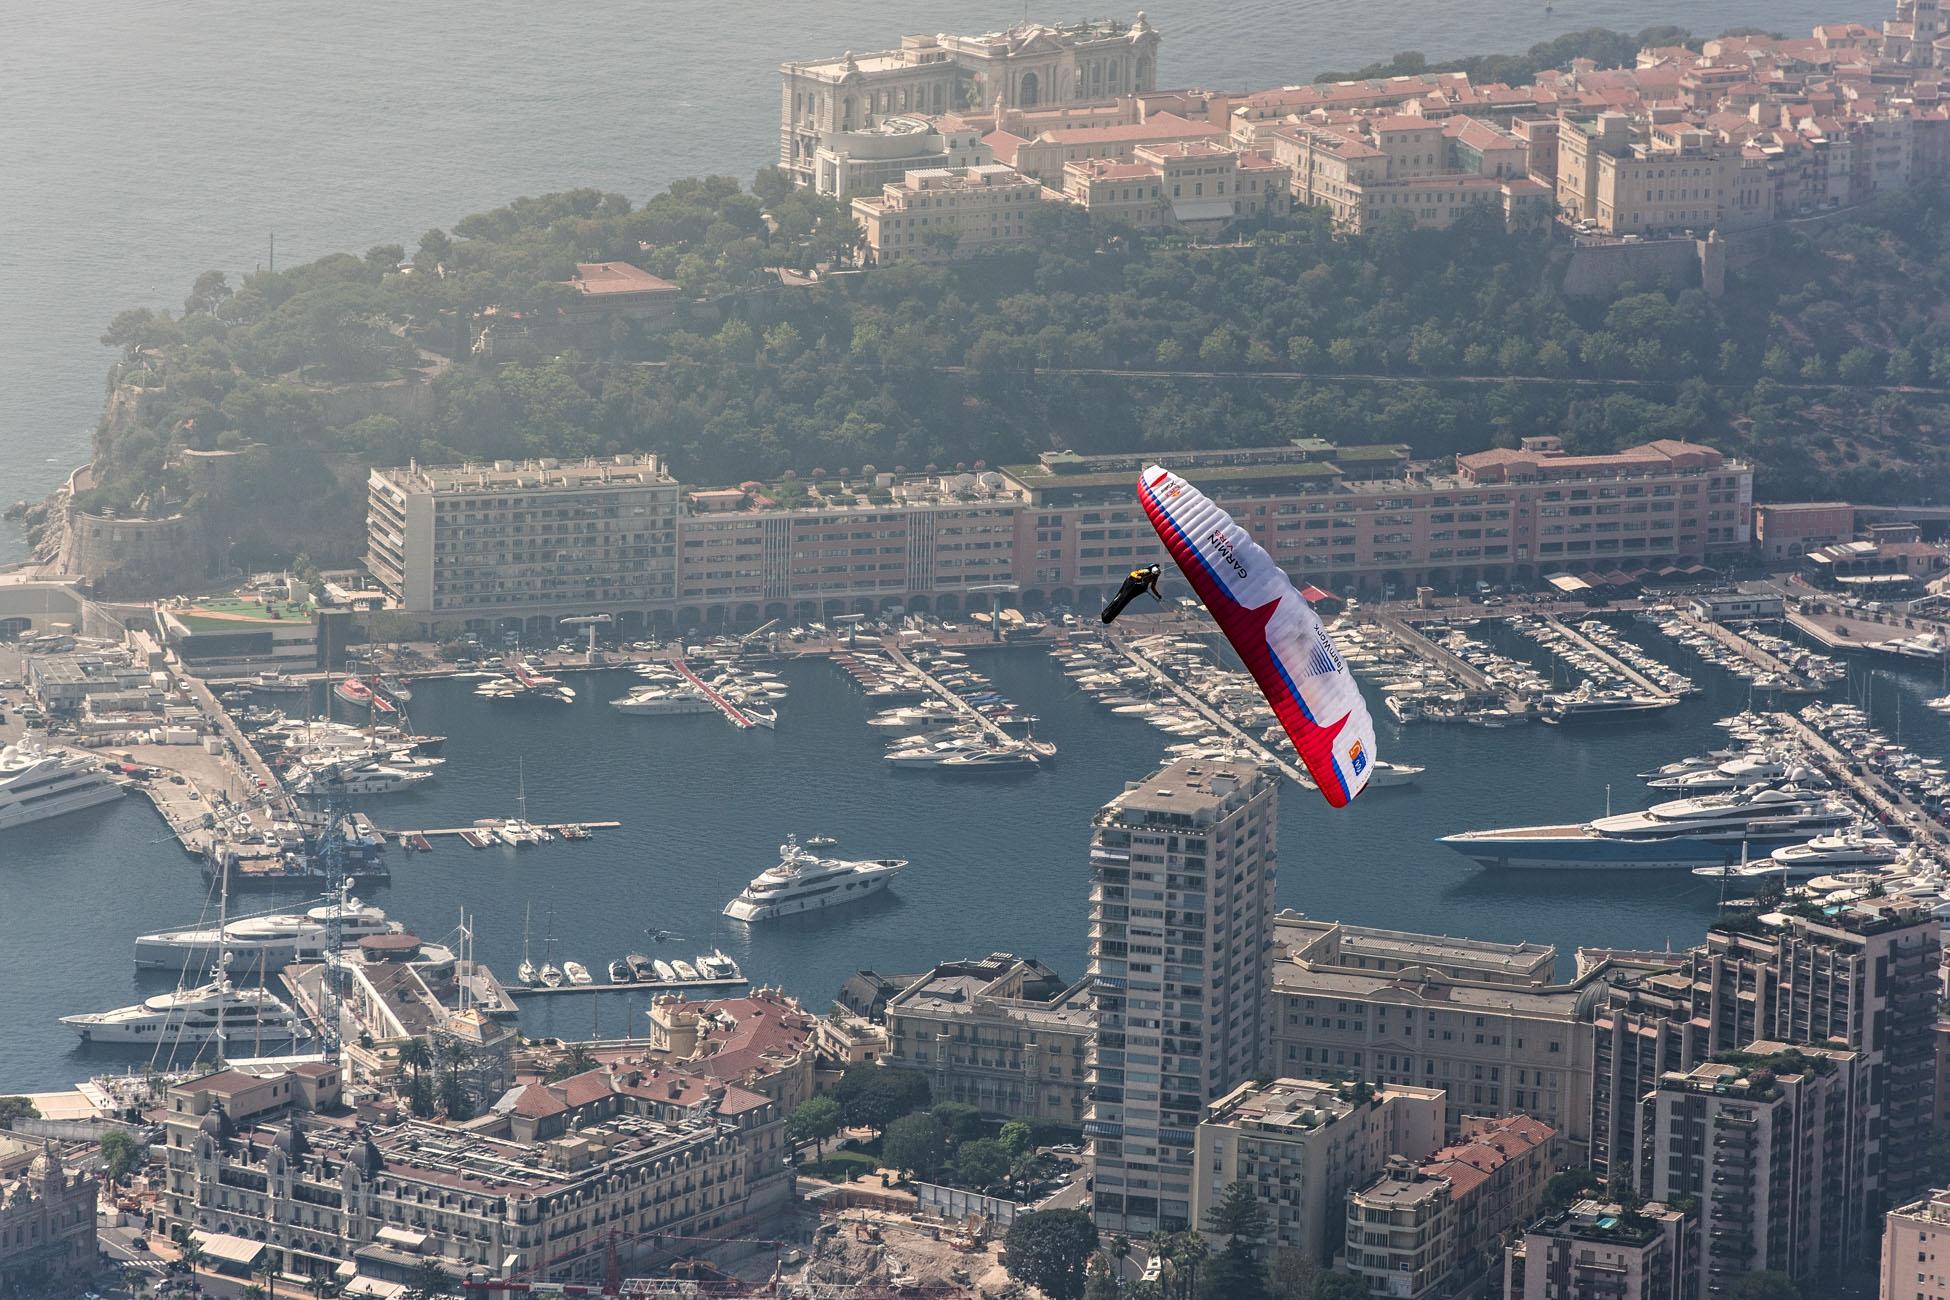 Christian Maurer im Landeanflug auf das Fürstentum. Uneinholbar kann man da seine Unterschrift in den monegassischen Himmel setzen. © Sebastian Marko/Red Bull Content Pool